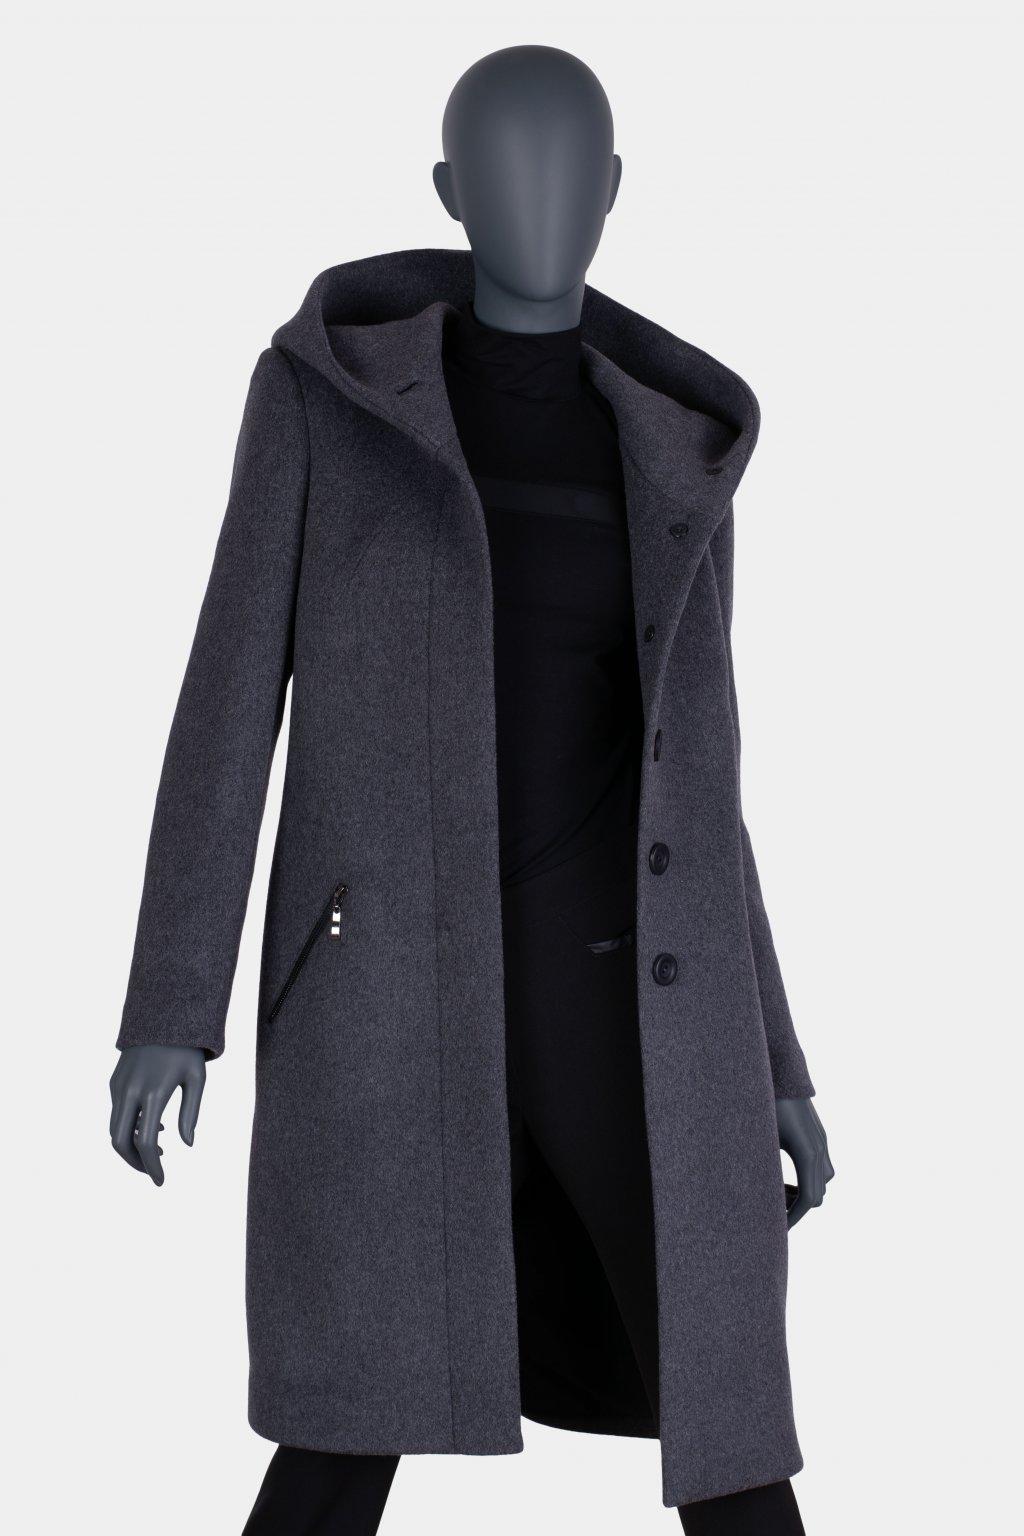 Kabát s kašmírem 31045